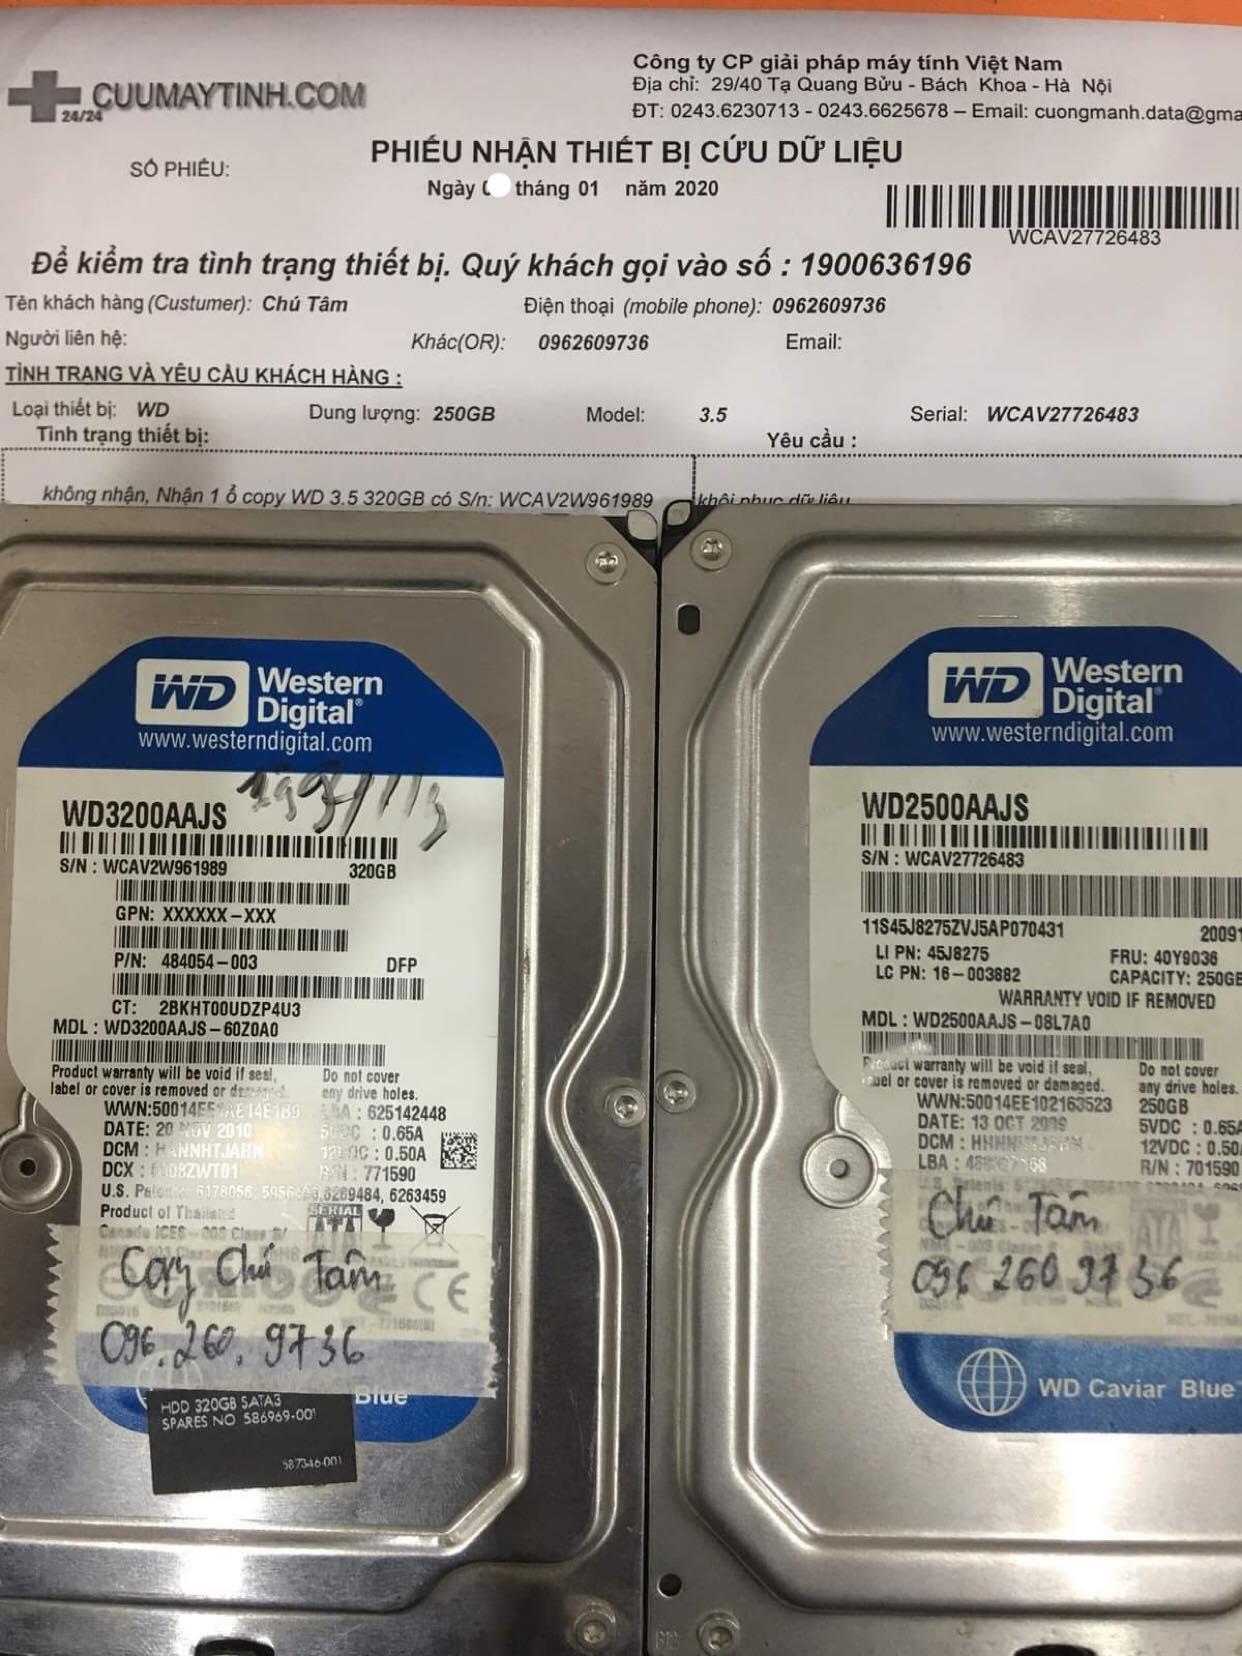 Phục hồi dữ liệu ổ cứng Western 250GB không nhận 11/01/2020 - cuumaytinh